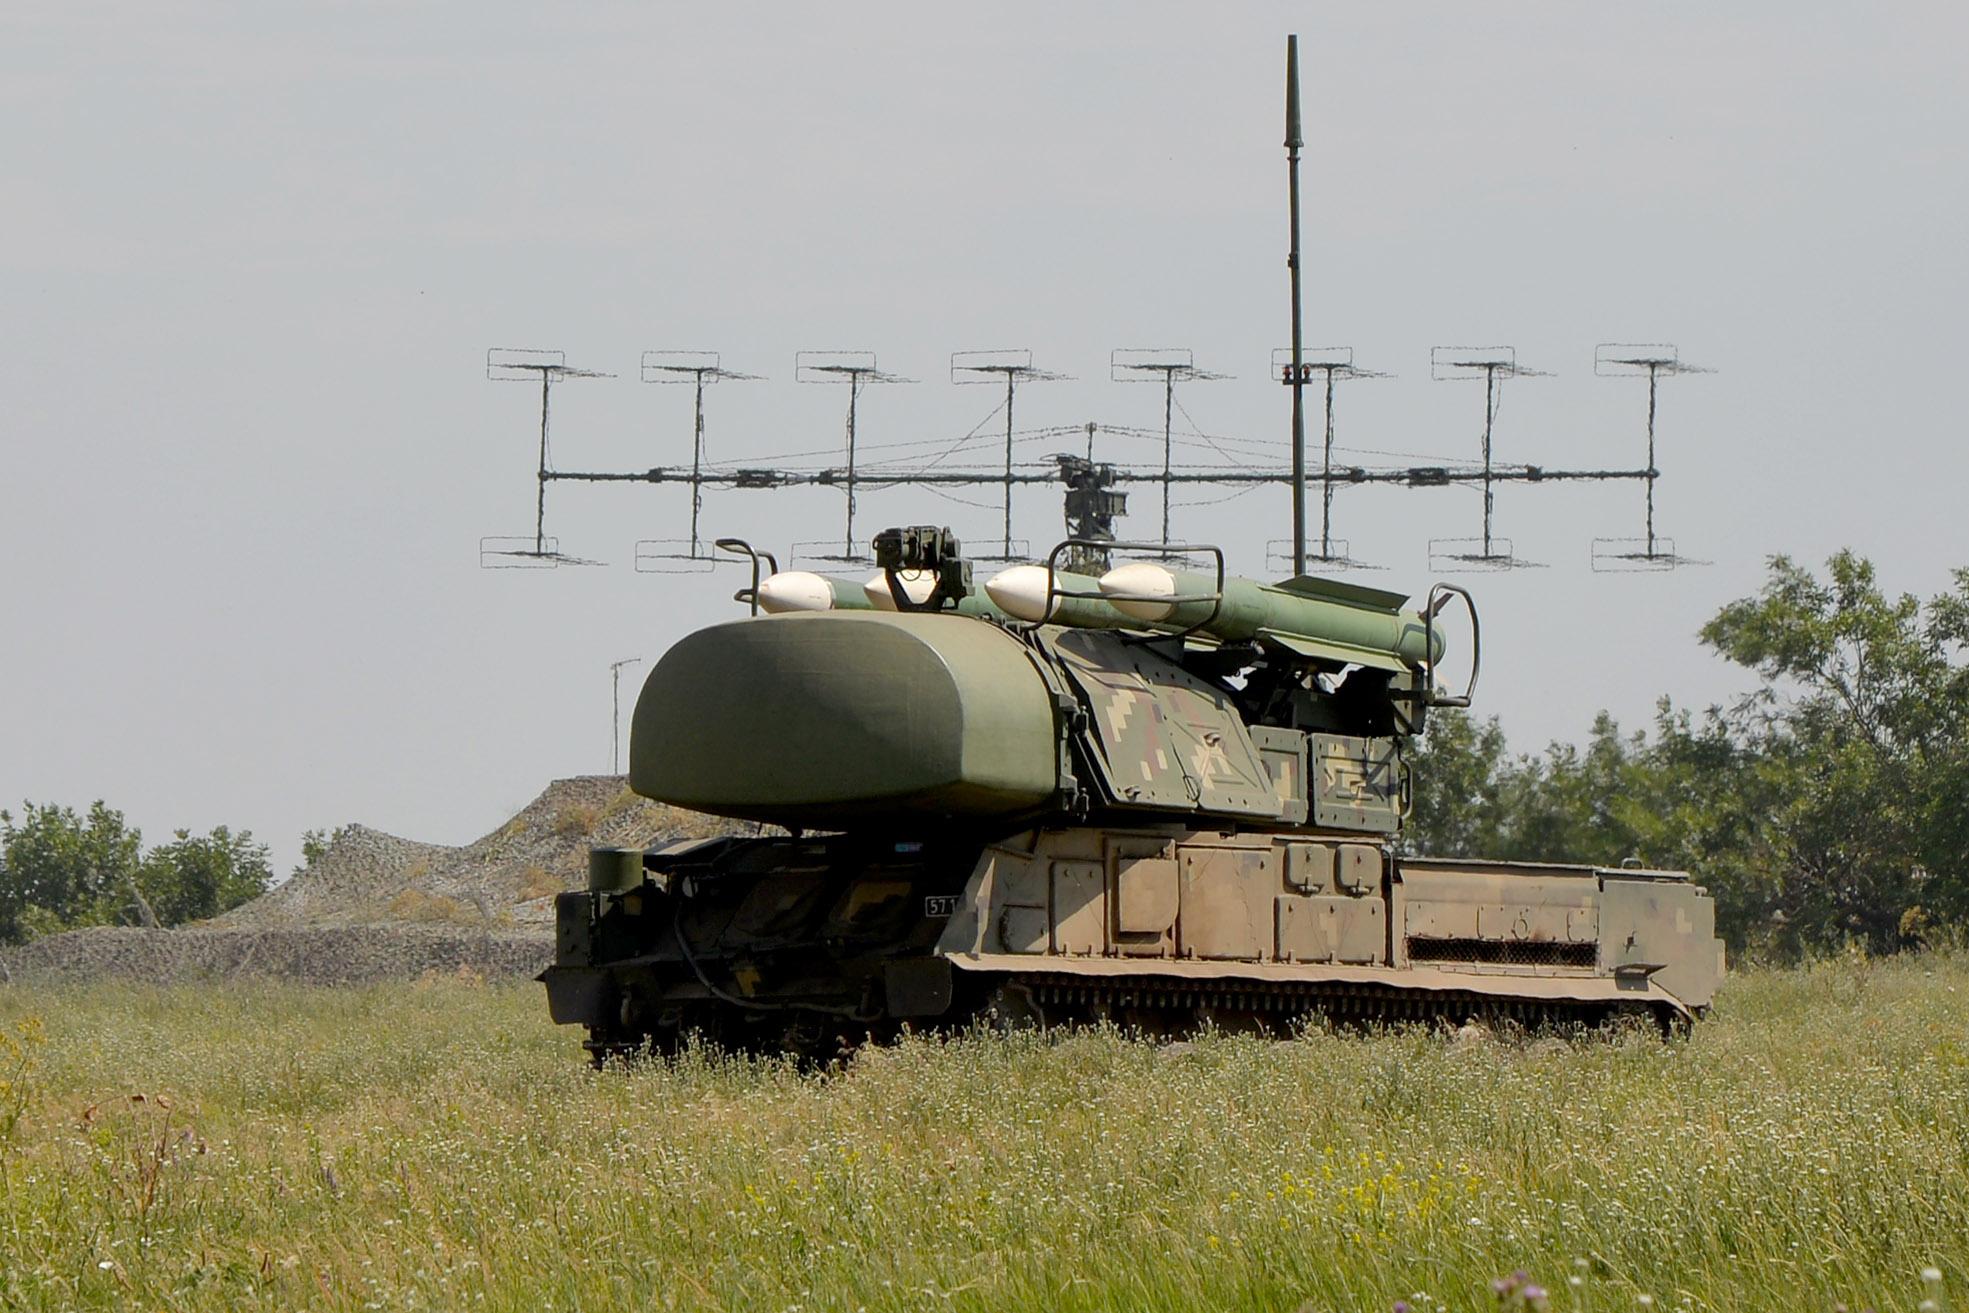 В Україні почались навчання зенітних ракетних військ з бойовою стрільбою - Військові навчання - dsc 5801